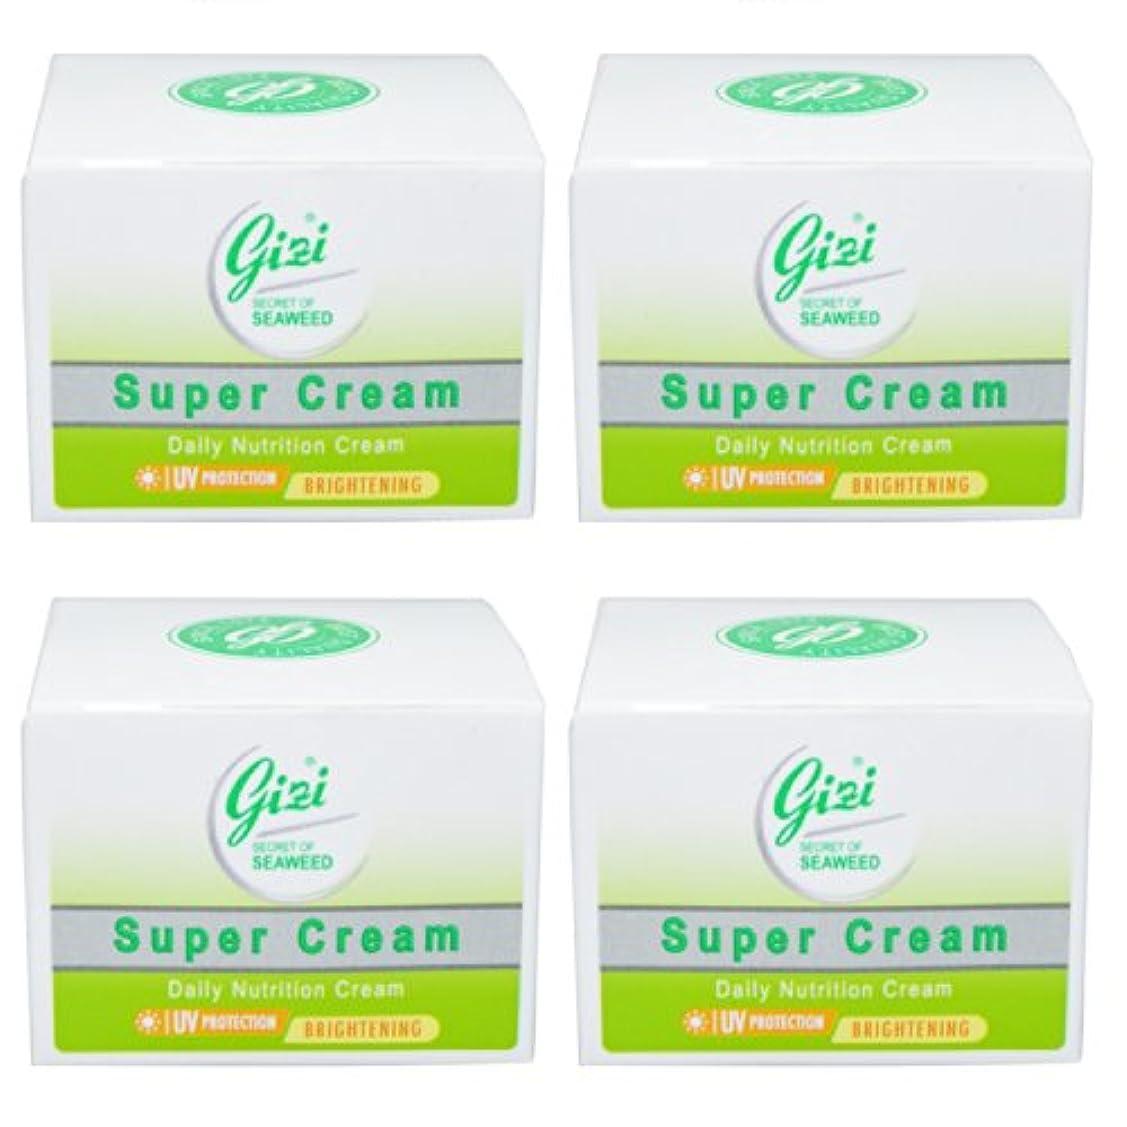 わずらわしい該当する回転するGIZI Super Cream(ギジ スーパークリーム)フェイスクリーム9g 4個セット[並行輸入品][海外直送品]